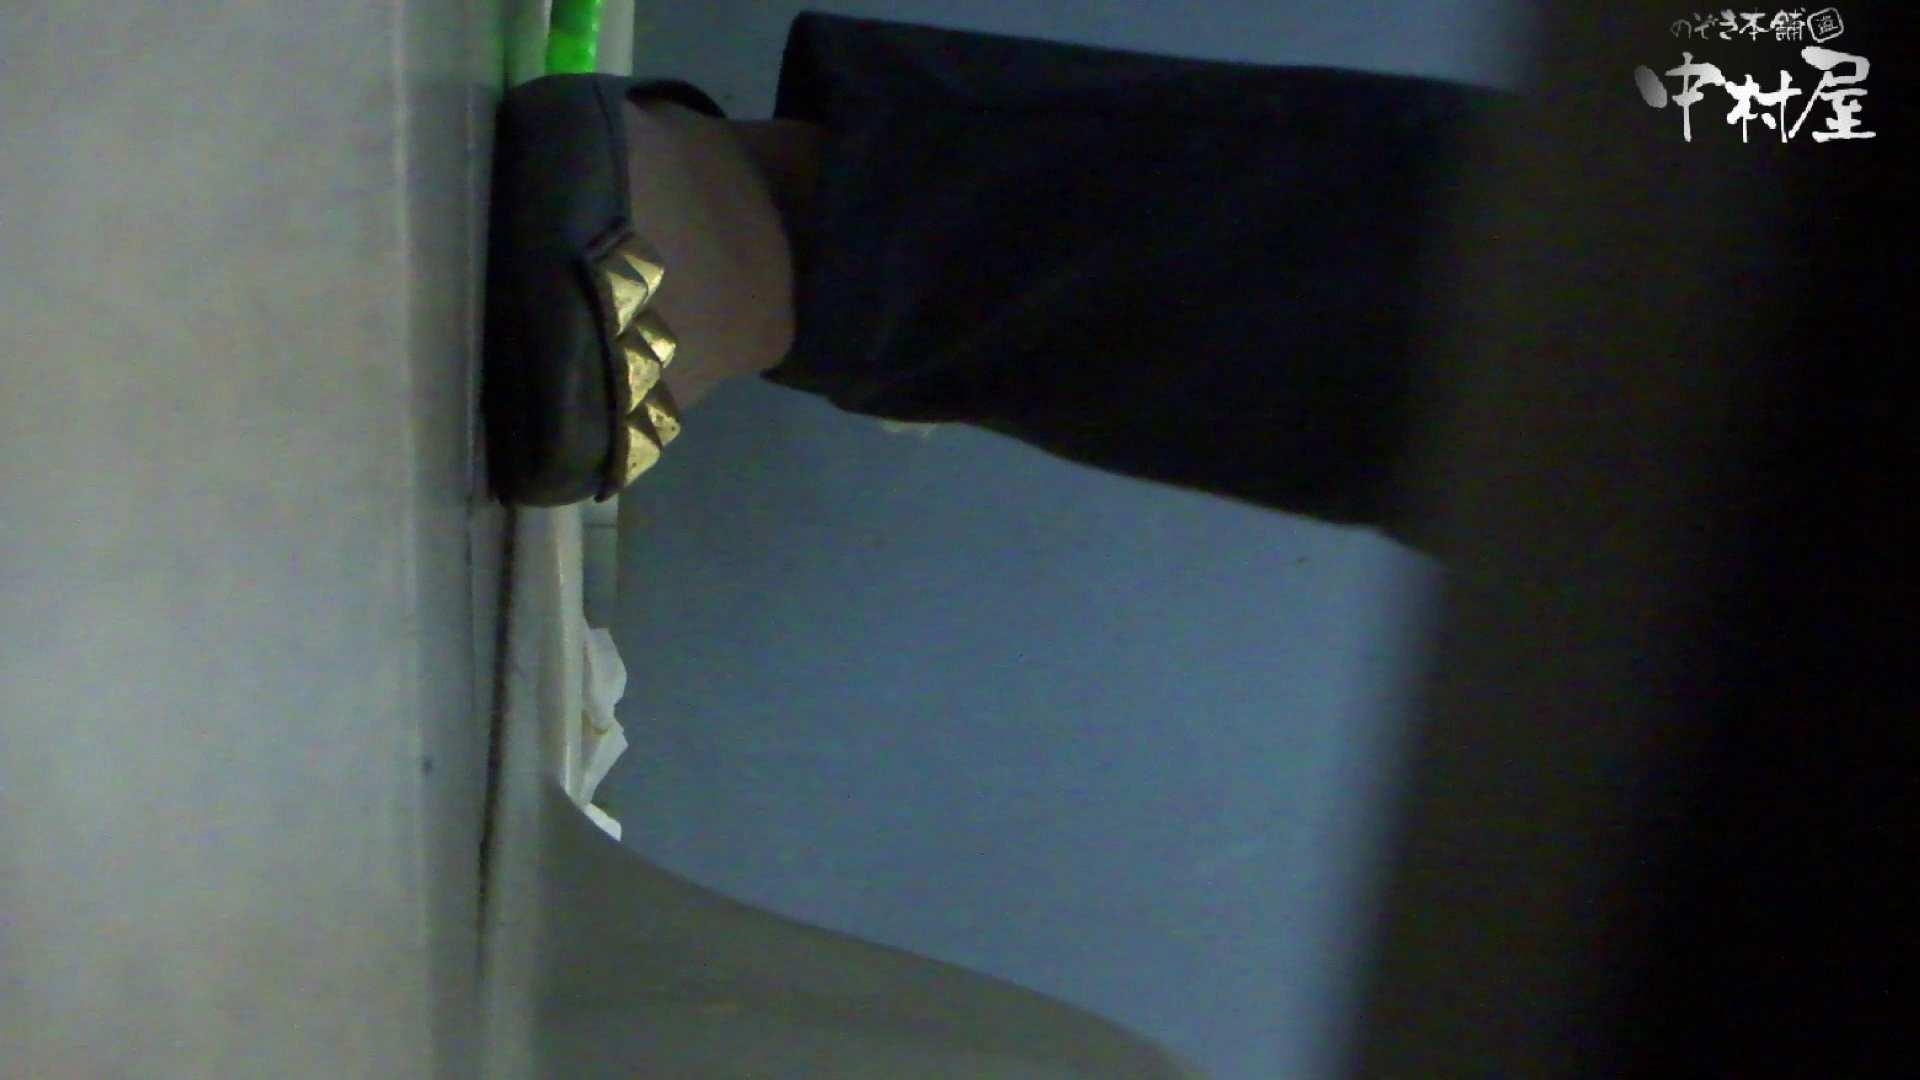 【美人が集まるファッションショッピングセンター洗面所盗SATU】ギャルのツルピカ潜入盗satu!Vol.09 ギャルのエロ動画 アダルト動画キャプチャ 88PIX 86